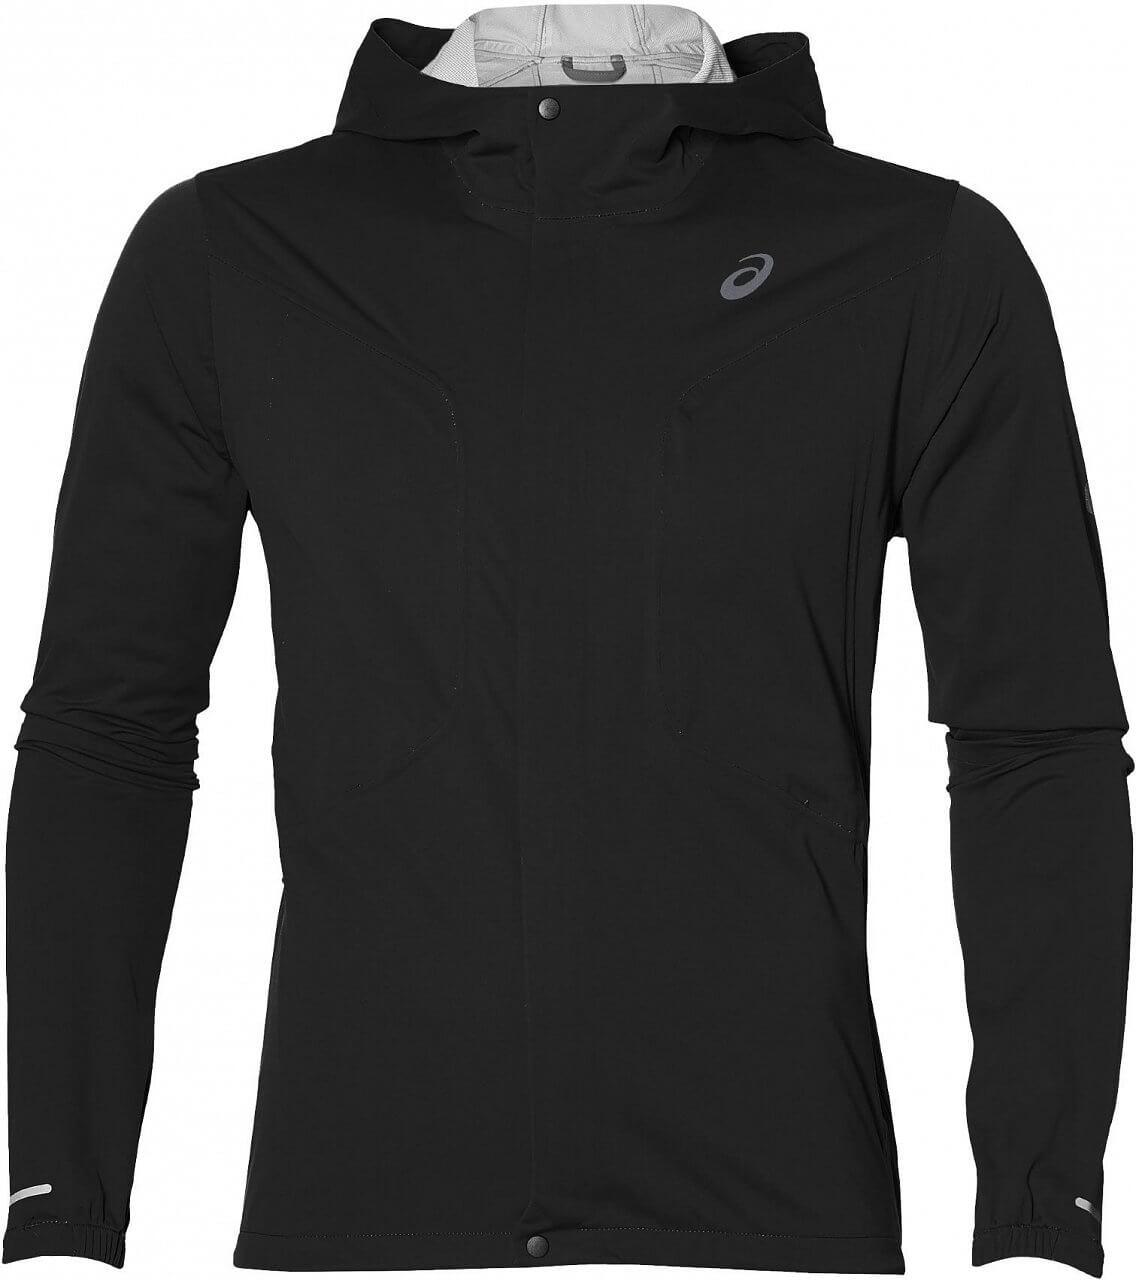 Kabátok Asics Accelerate Jacket